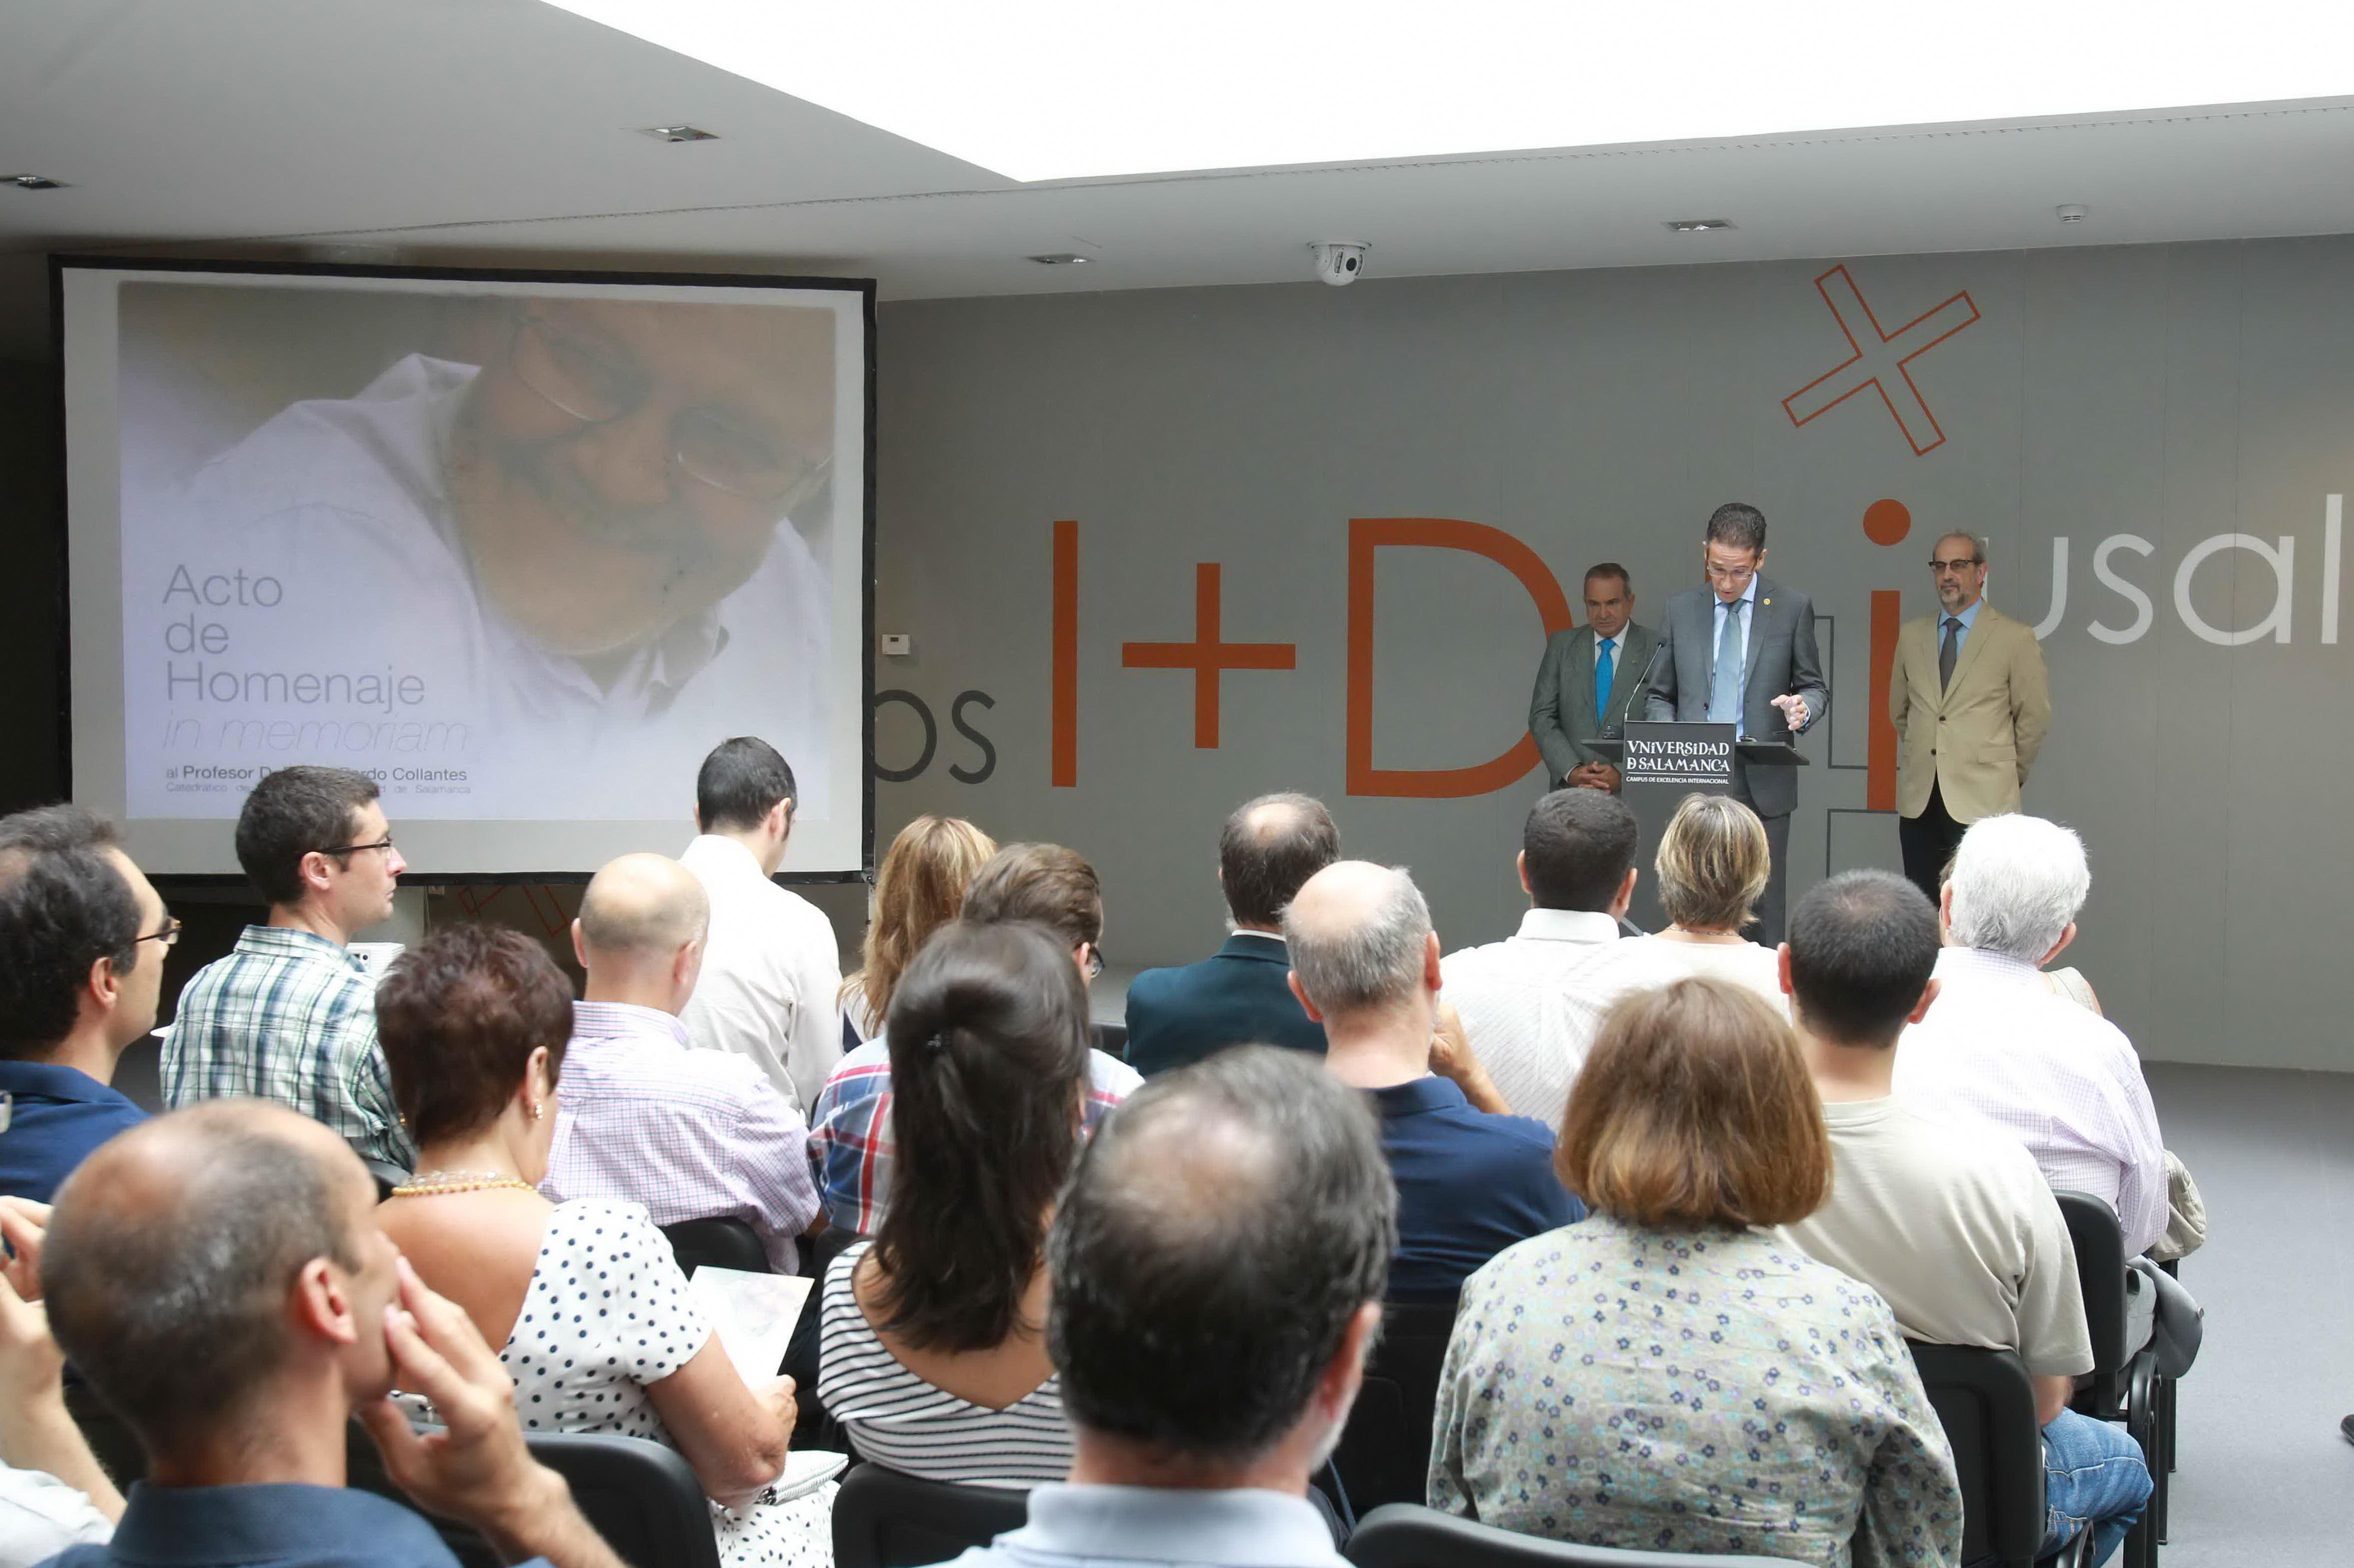 La sección de nanoelectrónica del Edificio I+D+i nombra sus laboratorios 'Daniel Pardo' en tributo al que fuera impulsor de los estudios de Física en la Universidad de Salamanca